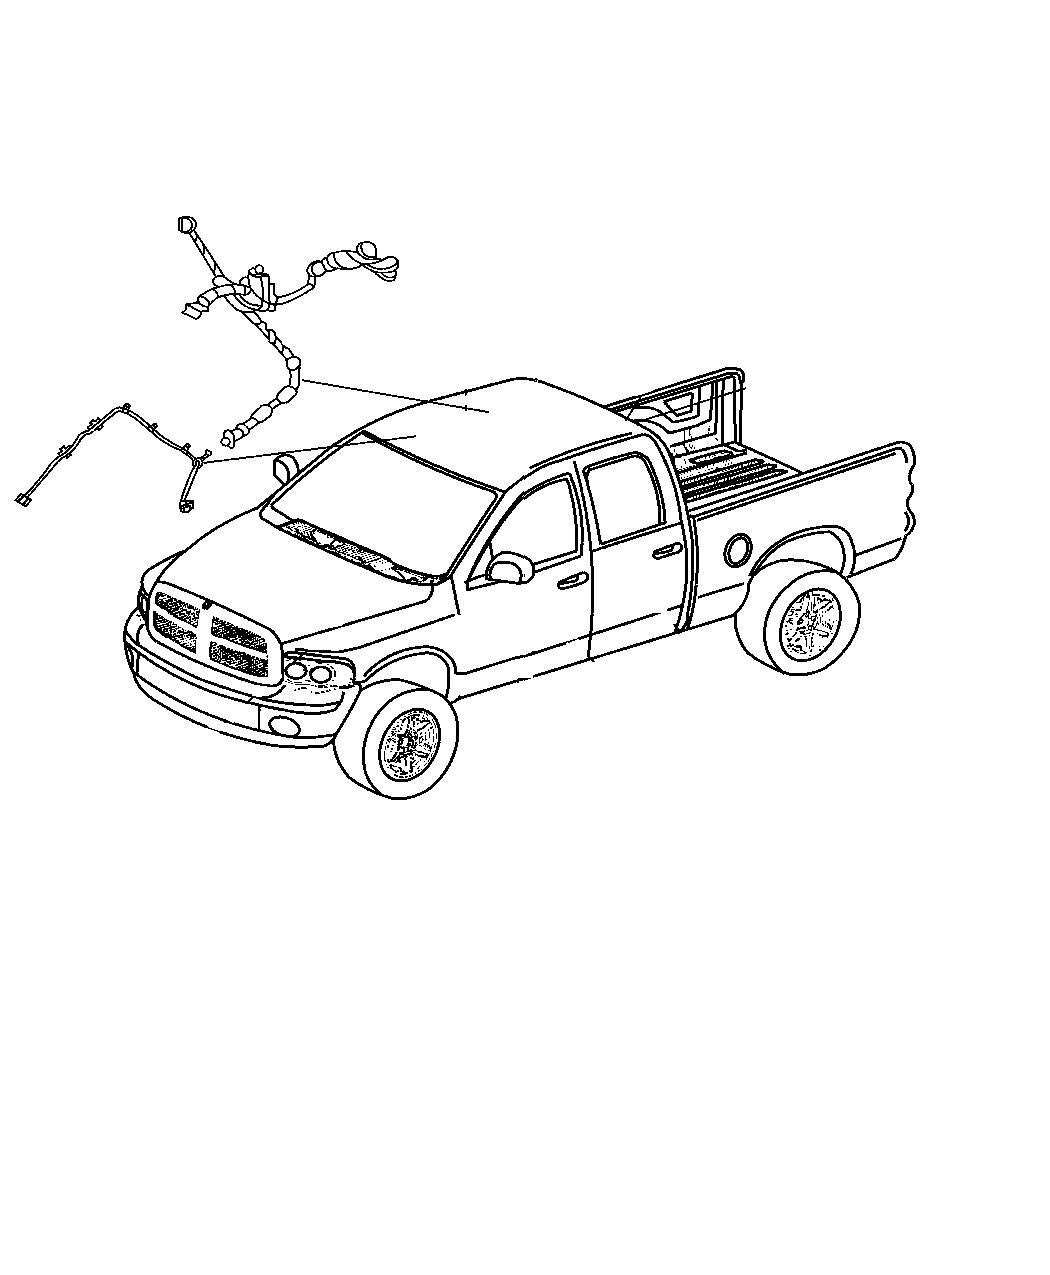 Ram Wiring Header